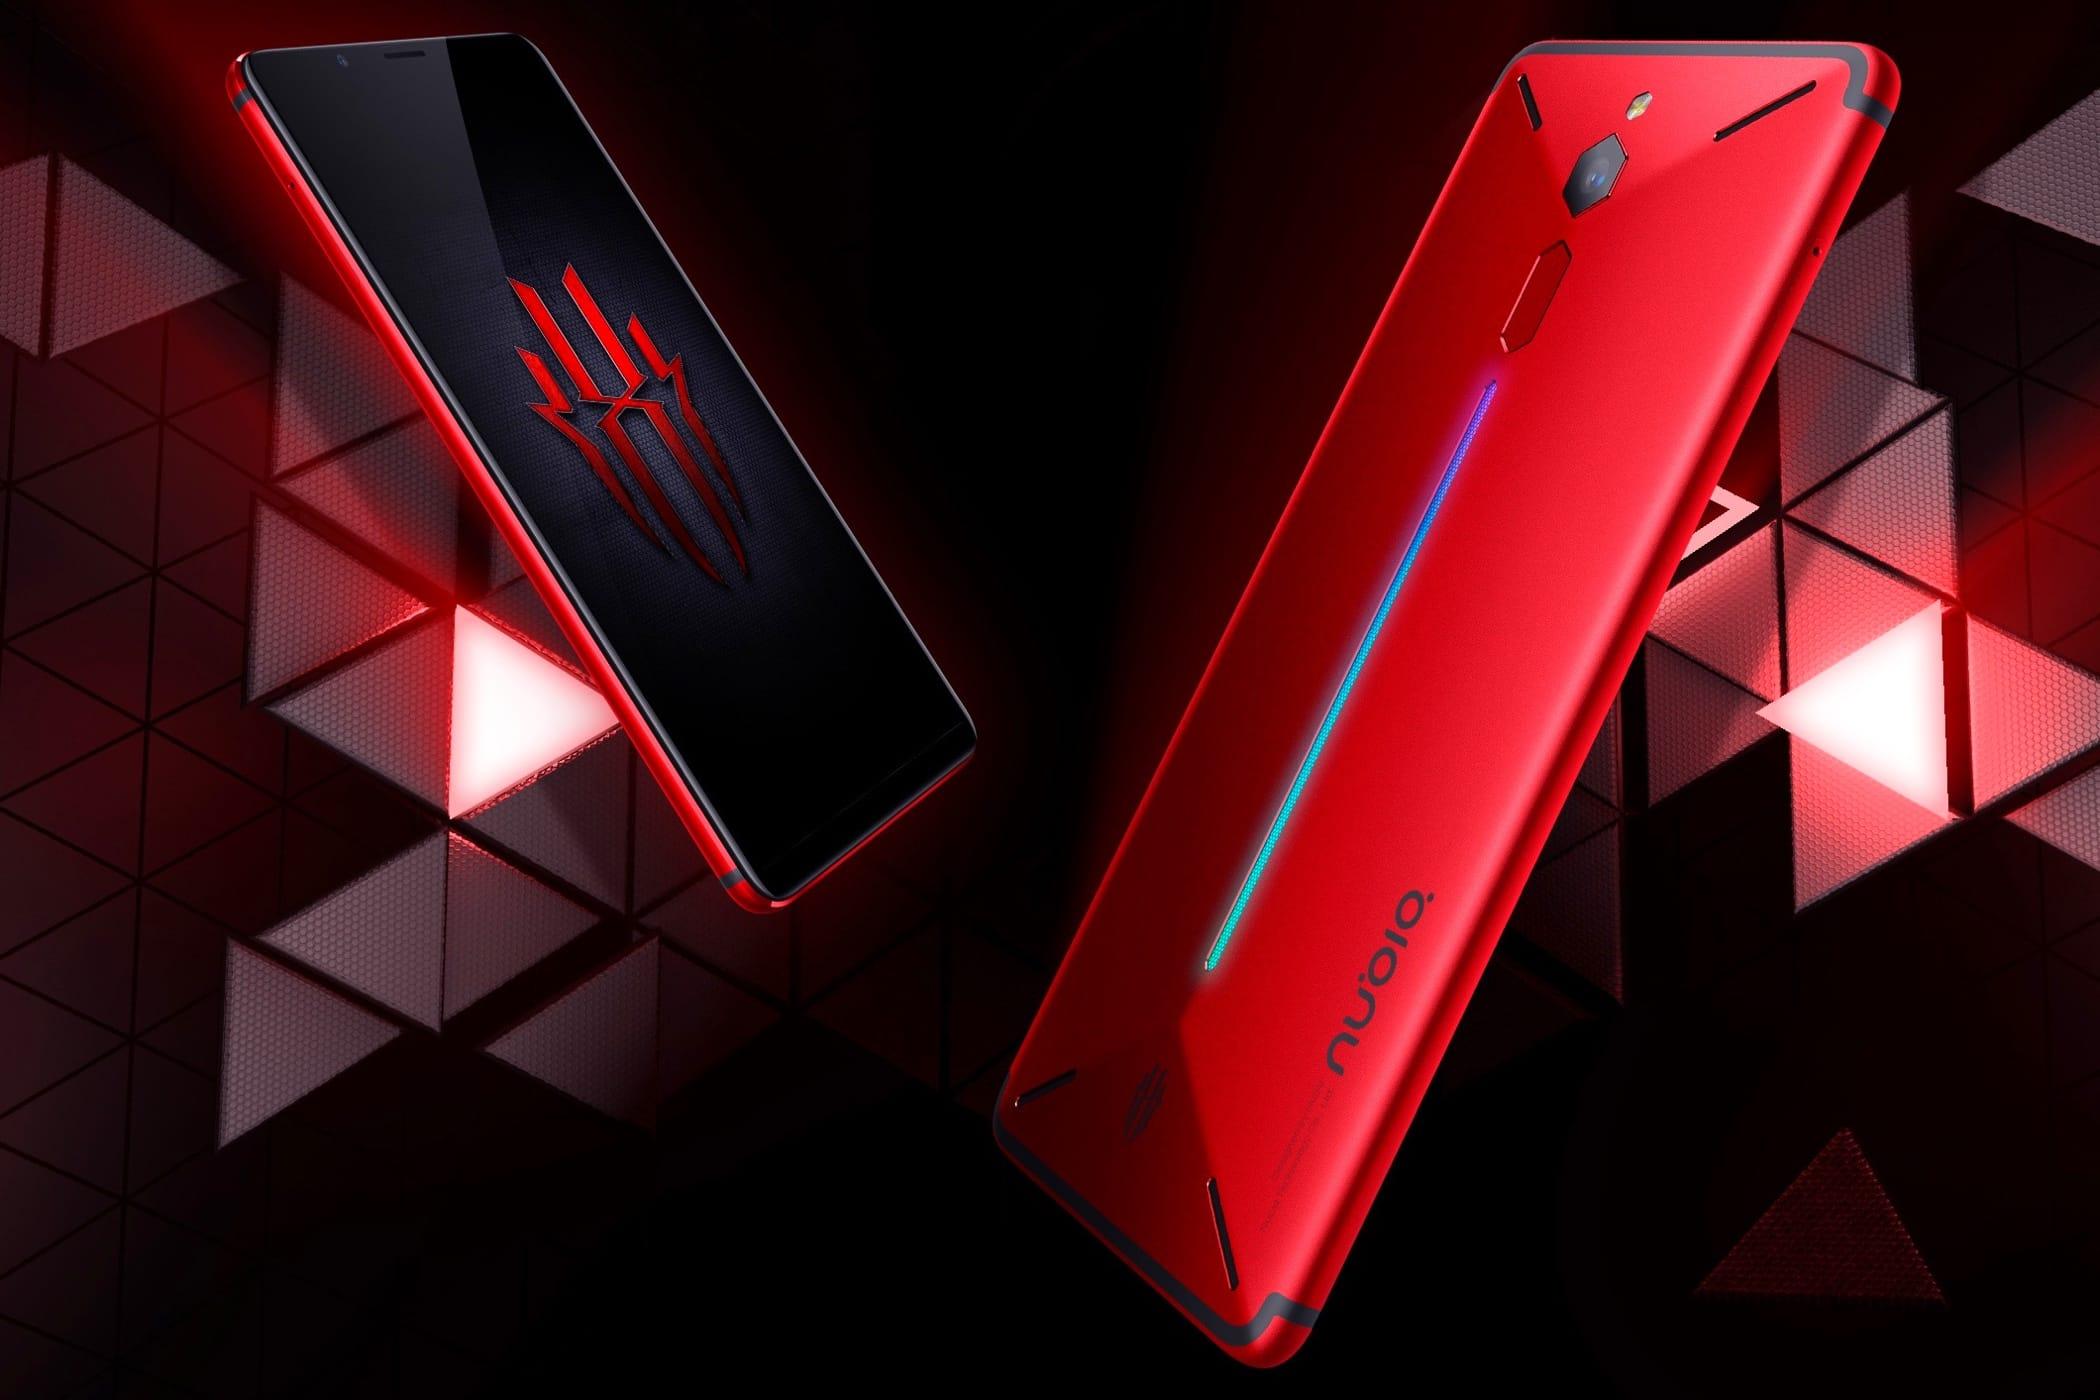 Названы самые массивные Android-смартфоны поверсии AnTuTu